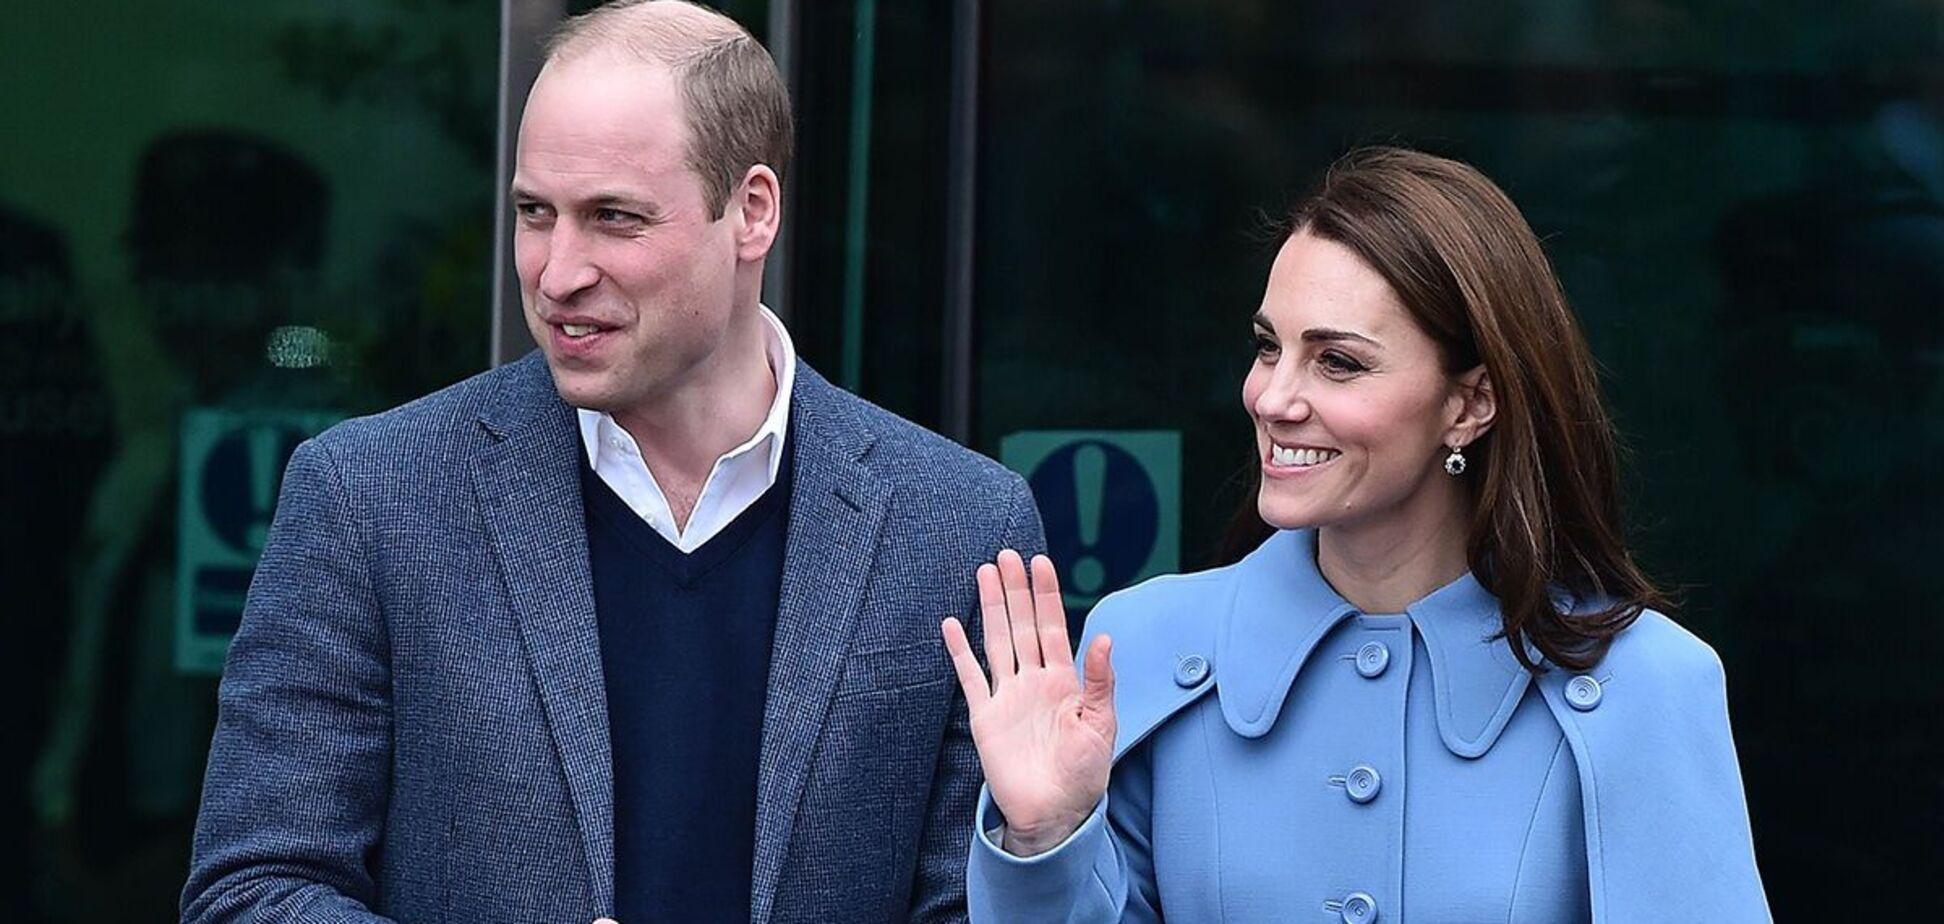 Кейт Міддлтон записала відеозвернення спільно з Принцом Вільямом